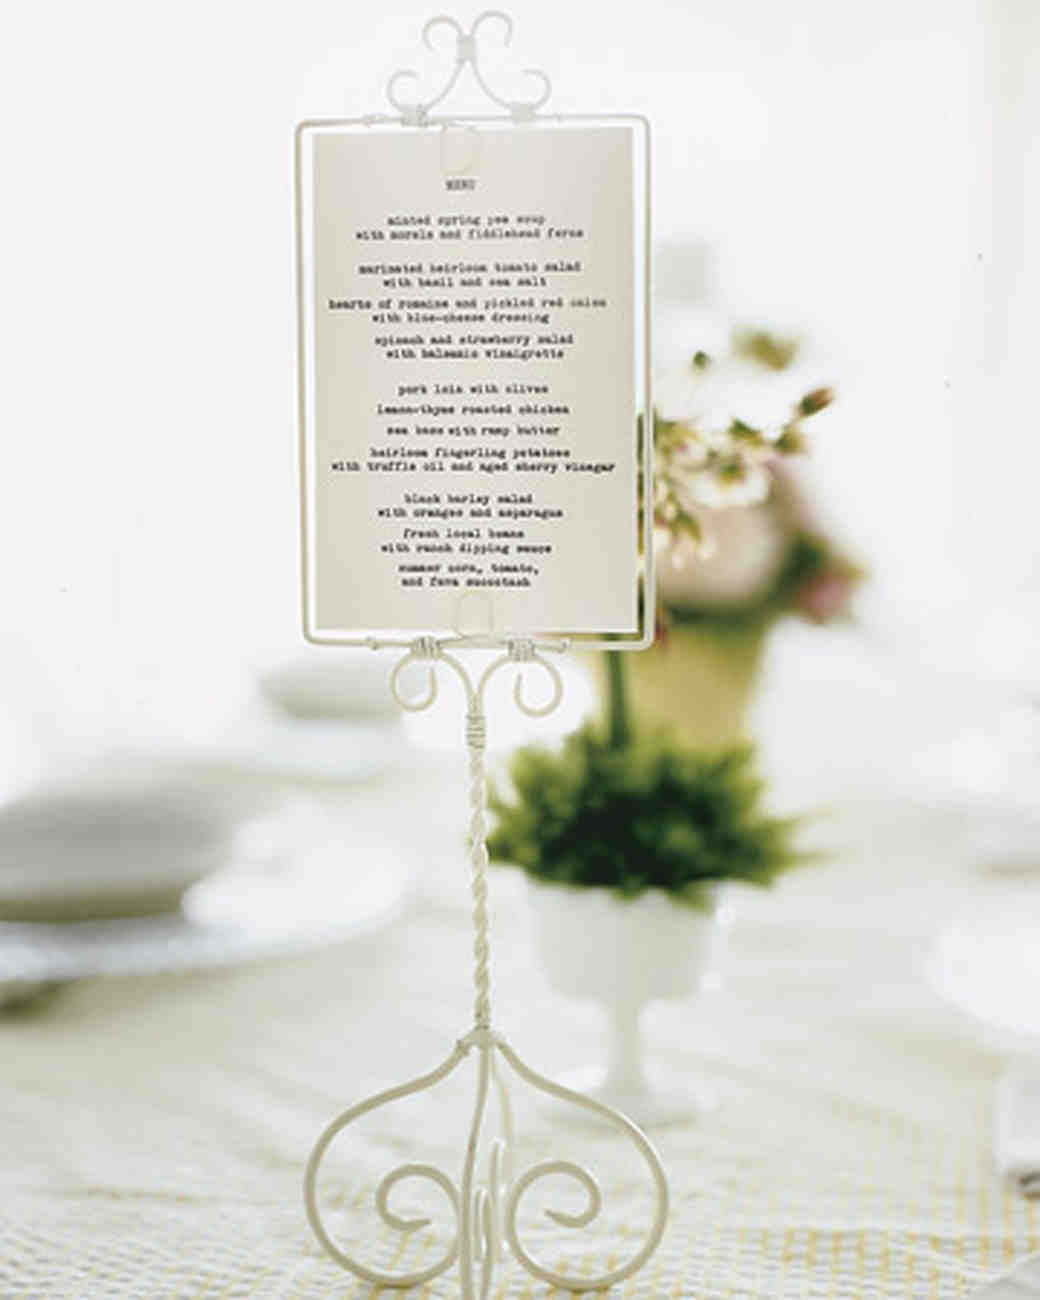 mwa102447_spr07_menu.jpg